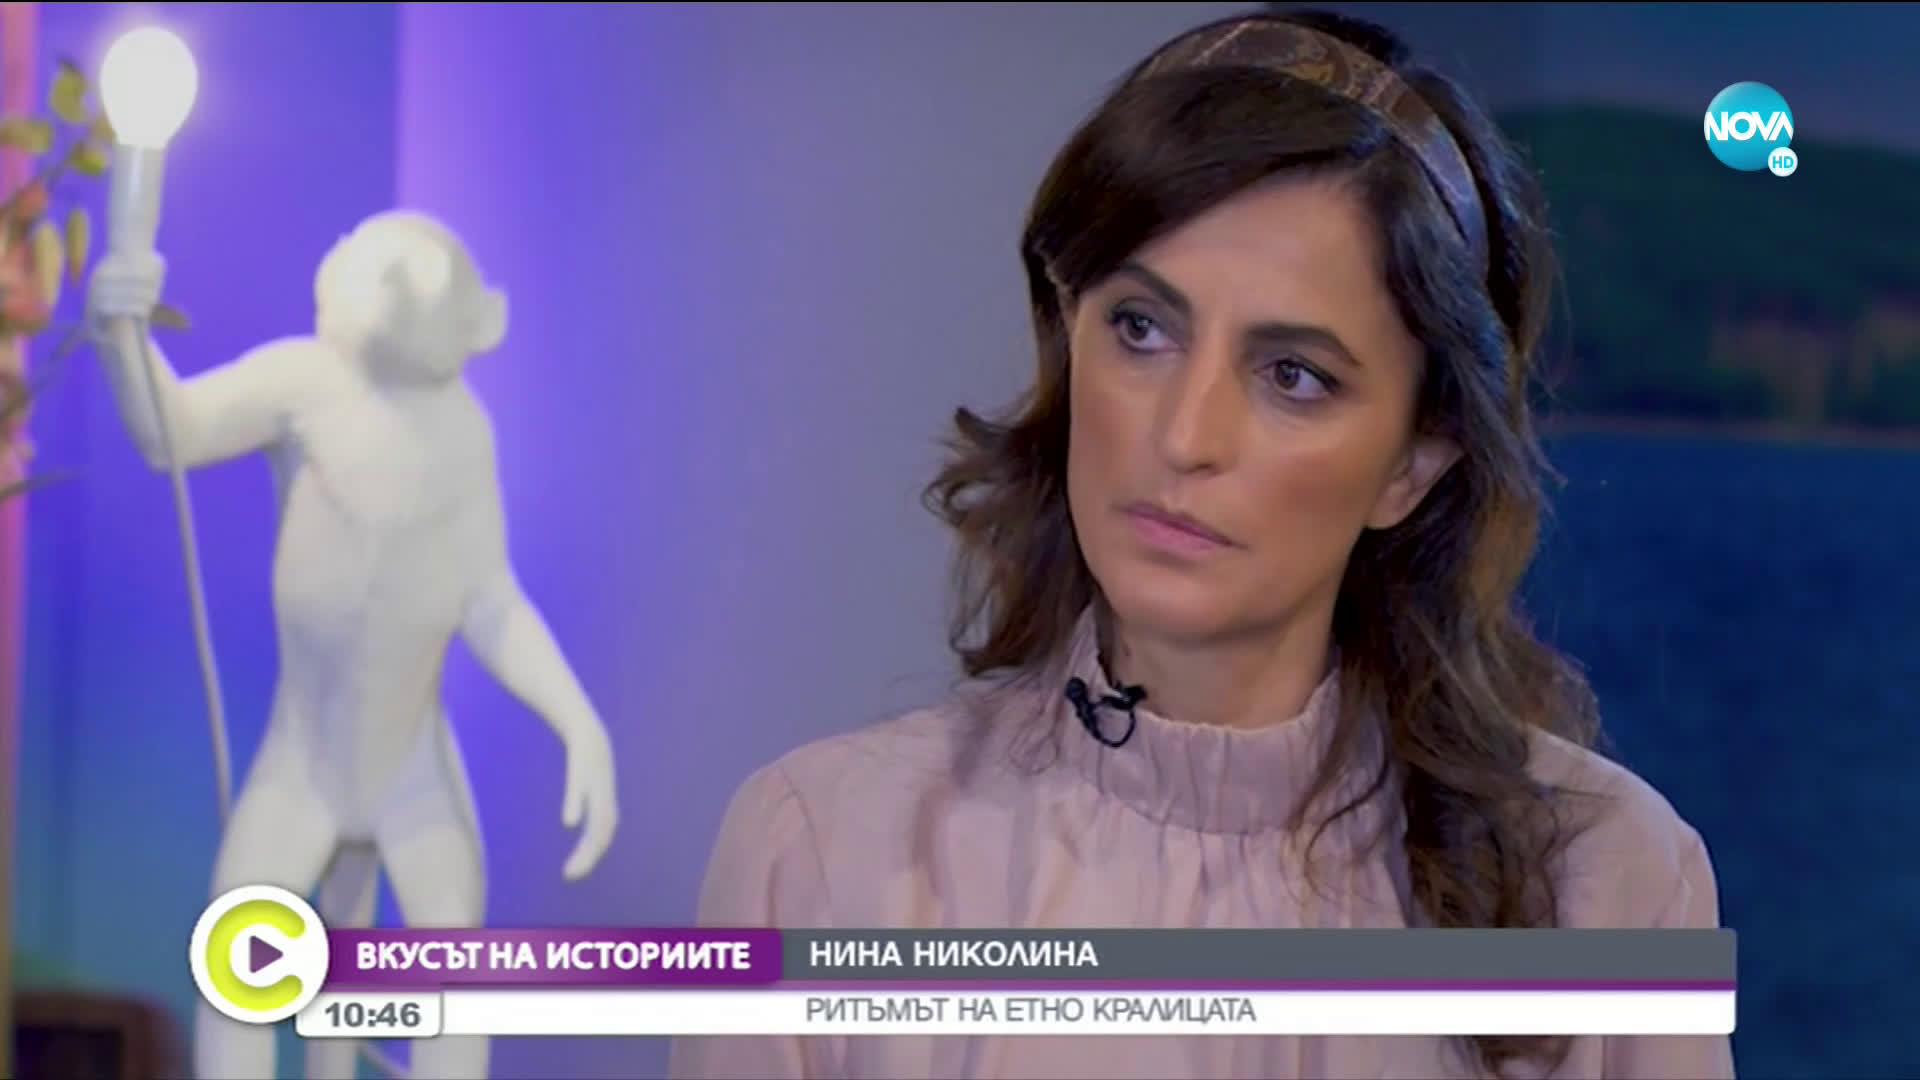 """""""Вкусът на историите"""": Етно кралицата Нина Николина"""